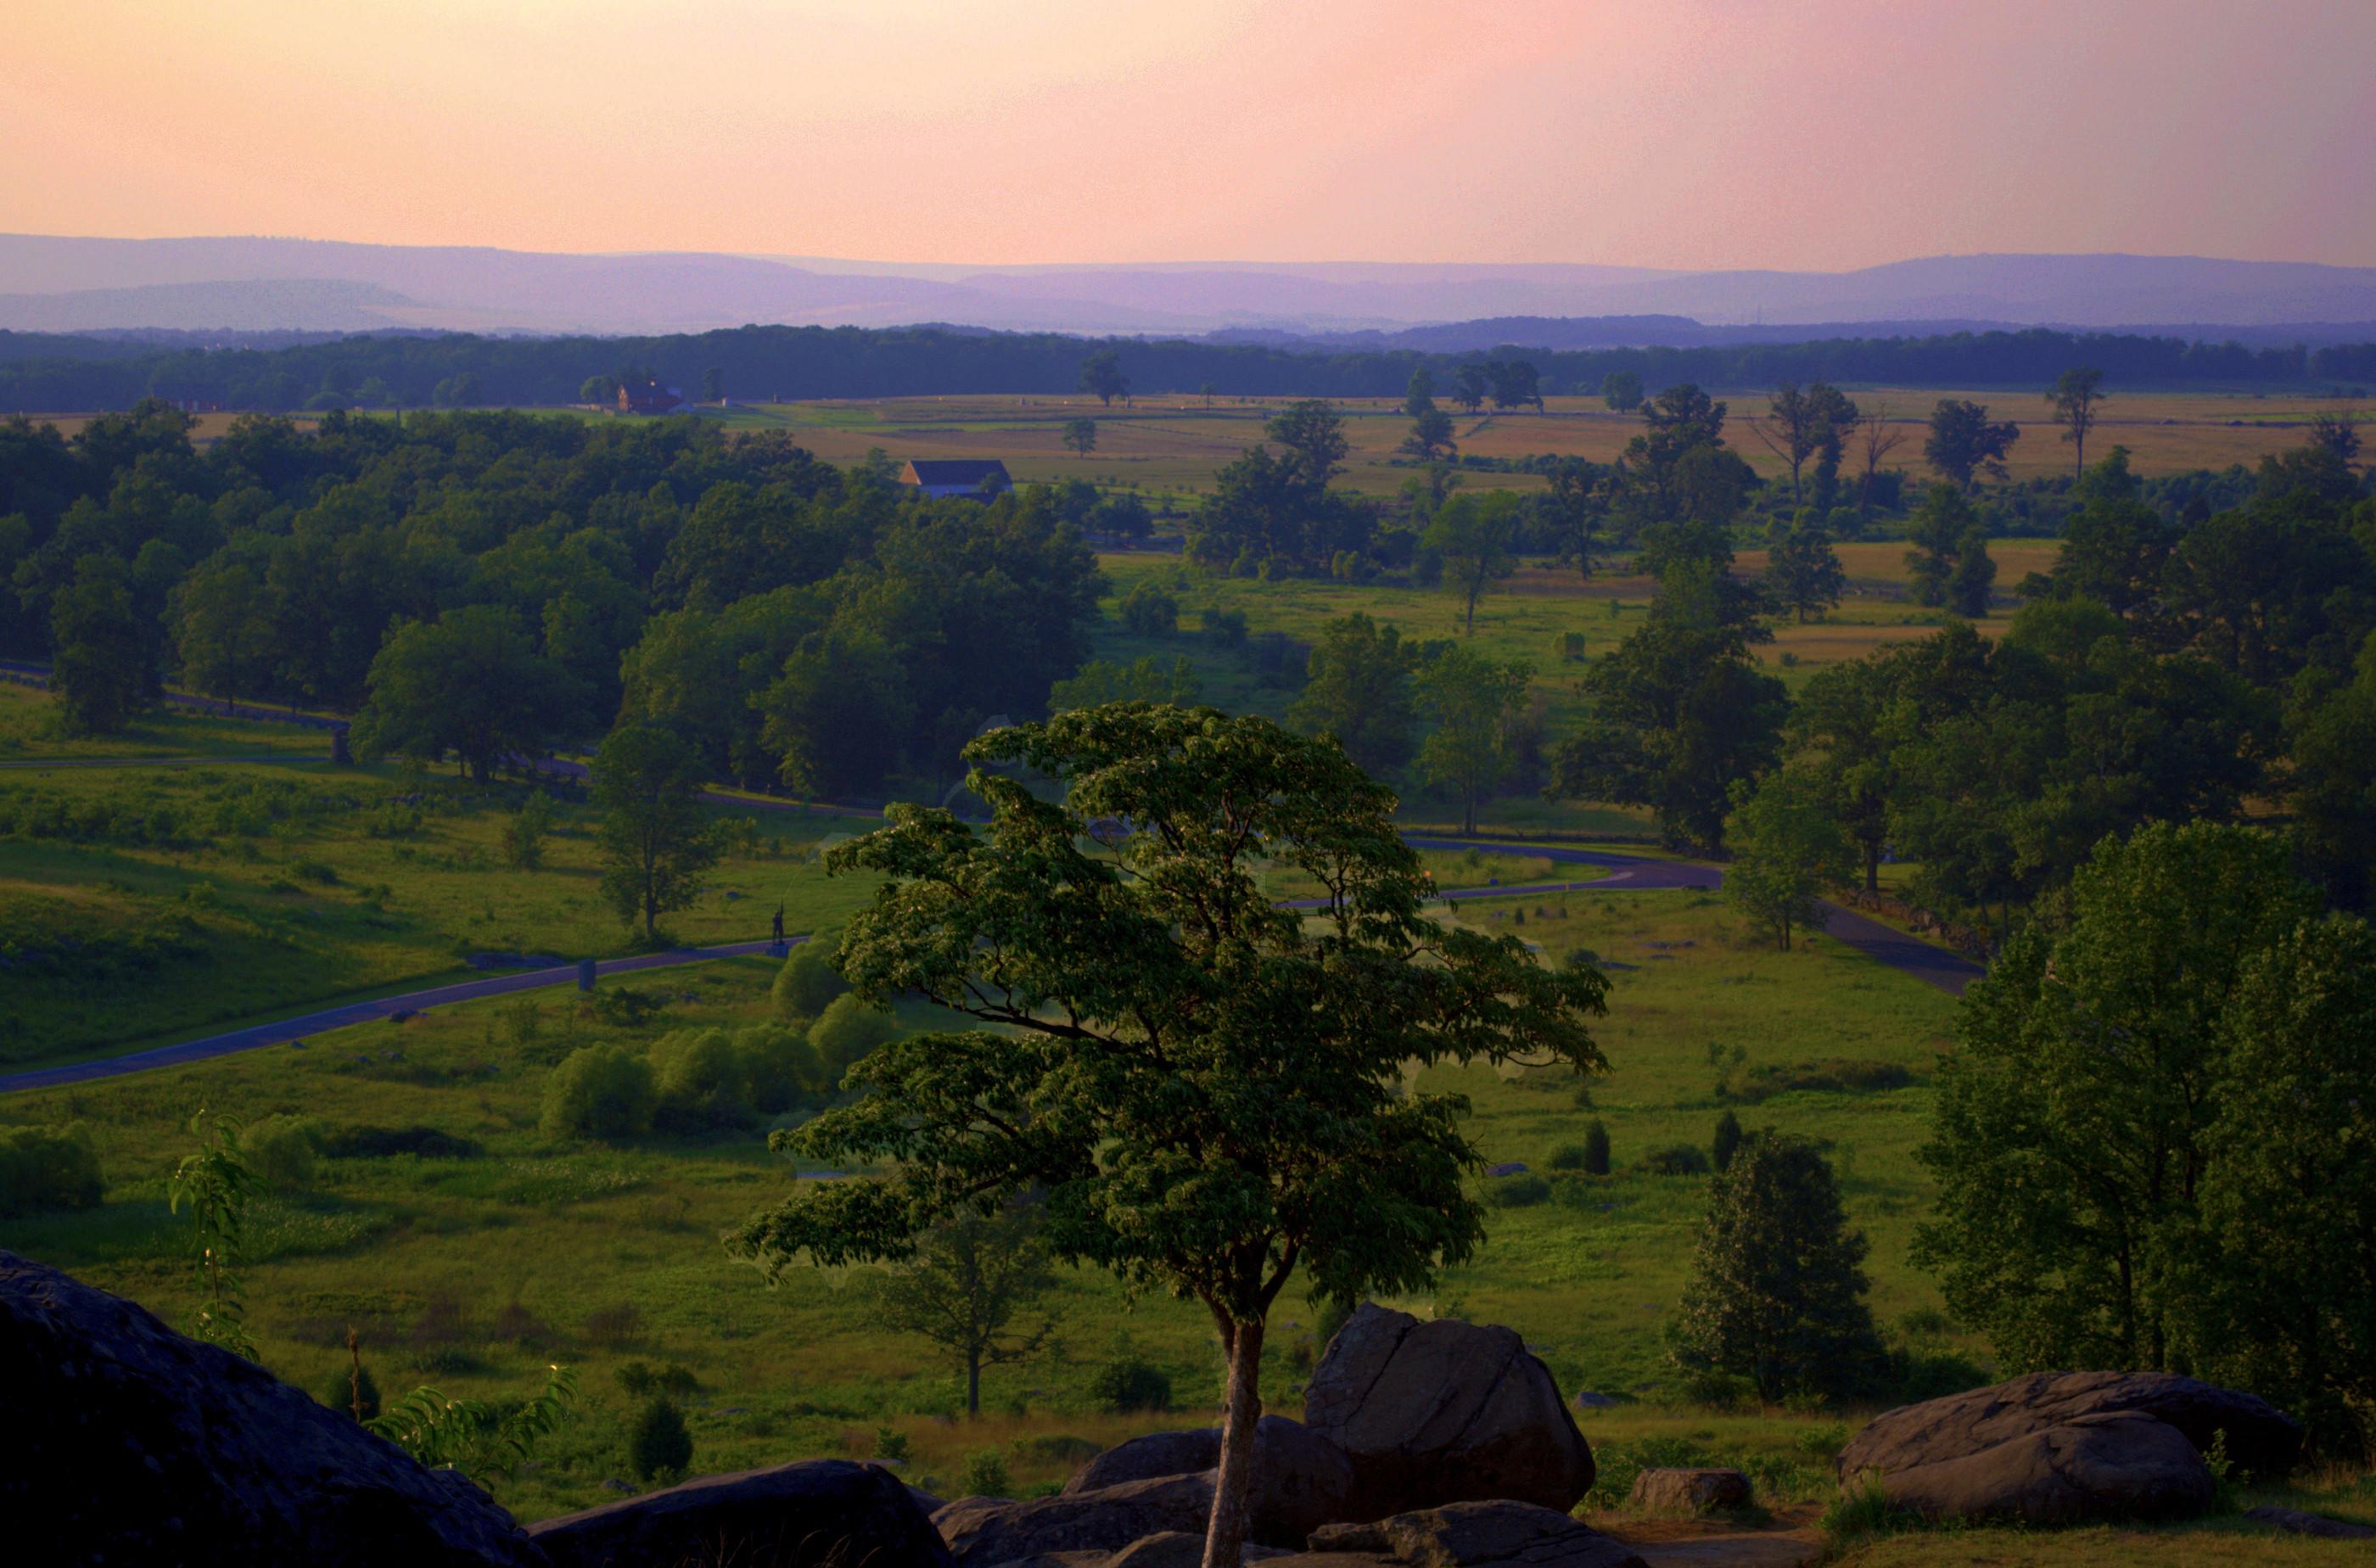 MAR 2021: Gettysburg Leadership Retreat